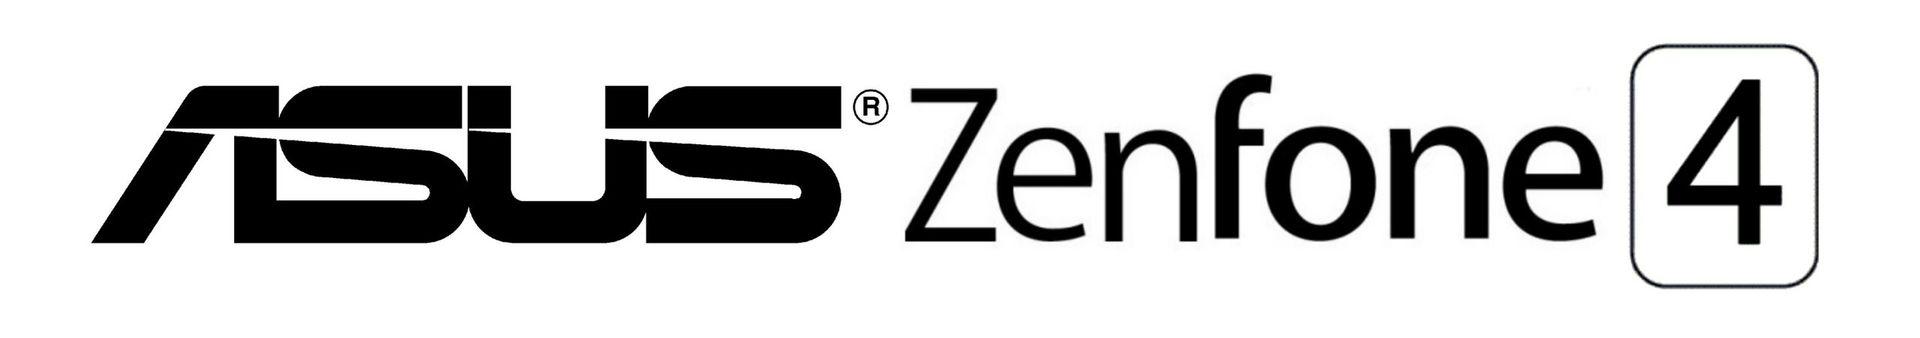 ASUS ZenFone 4 Logo